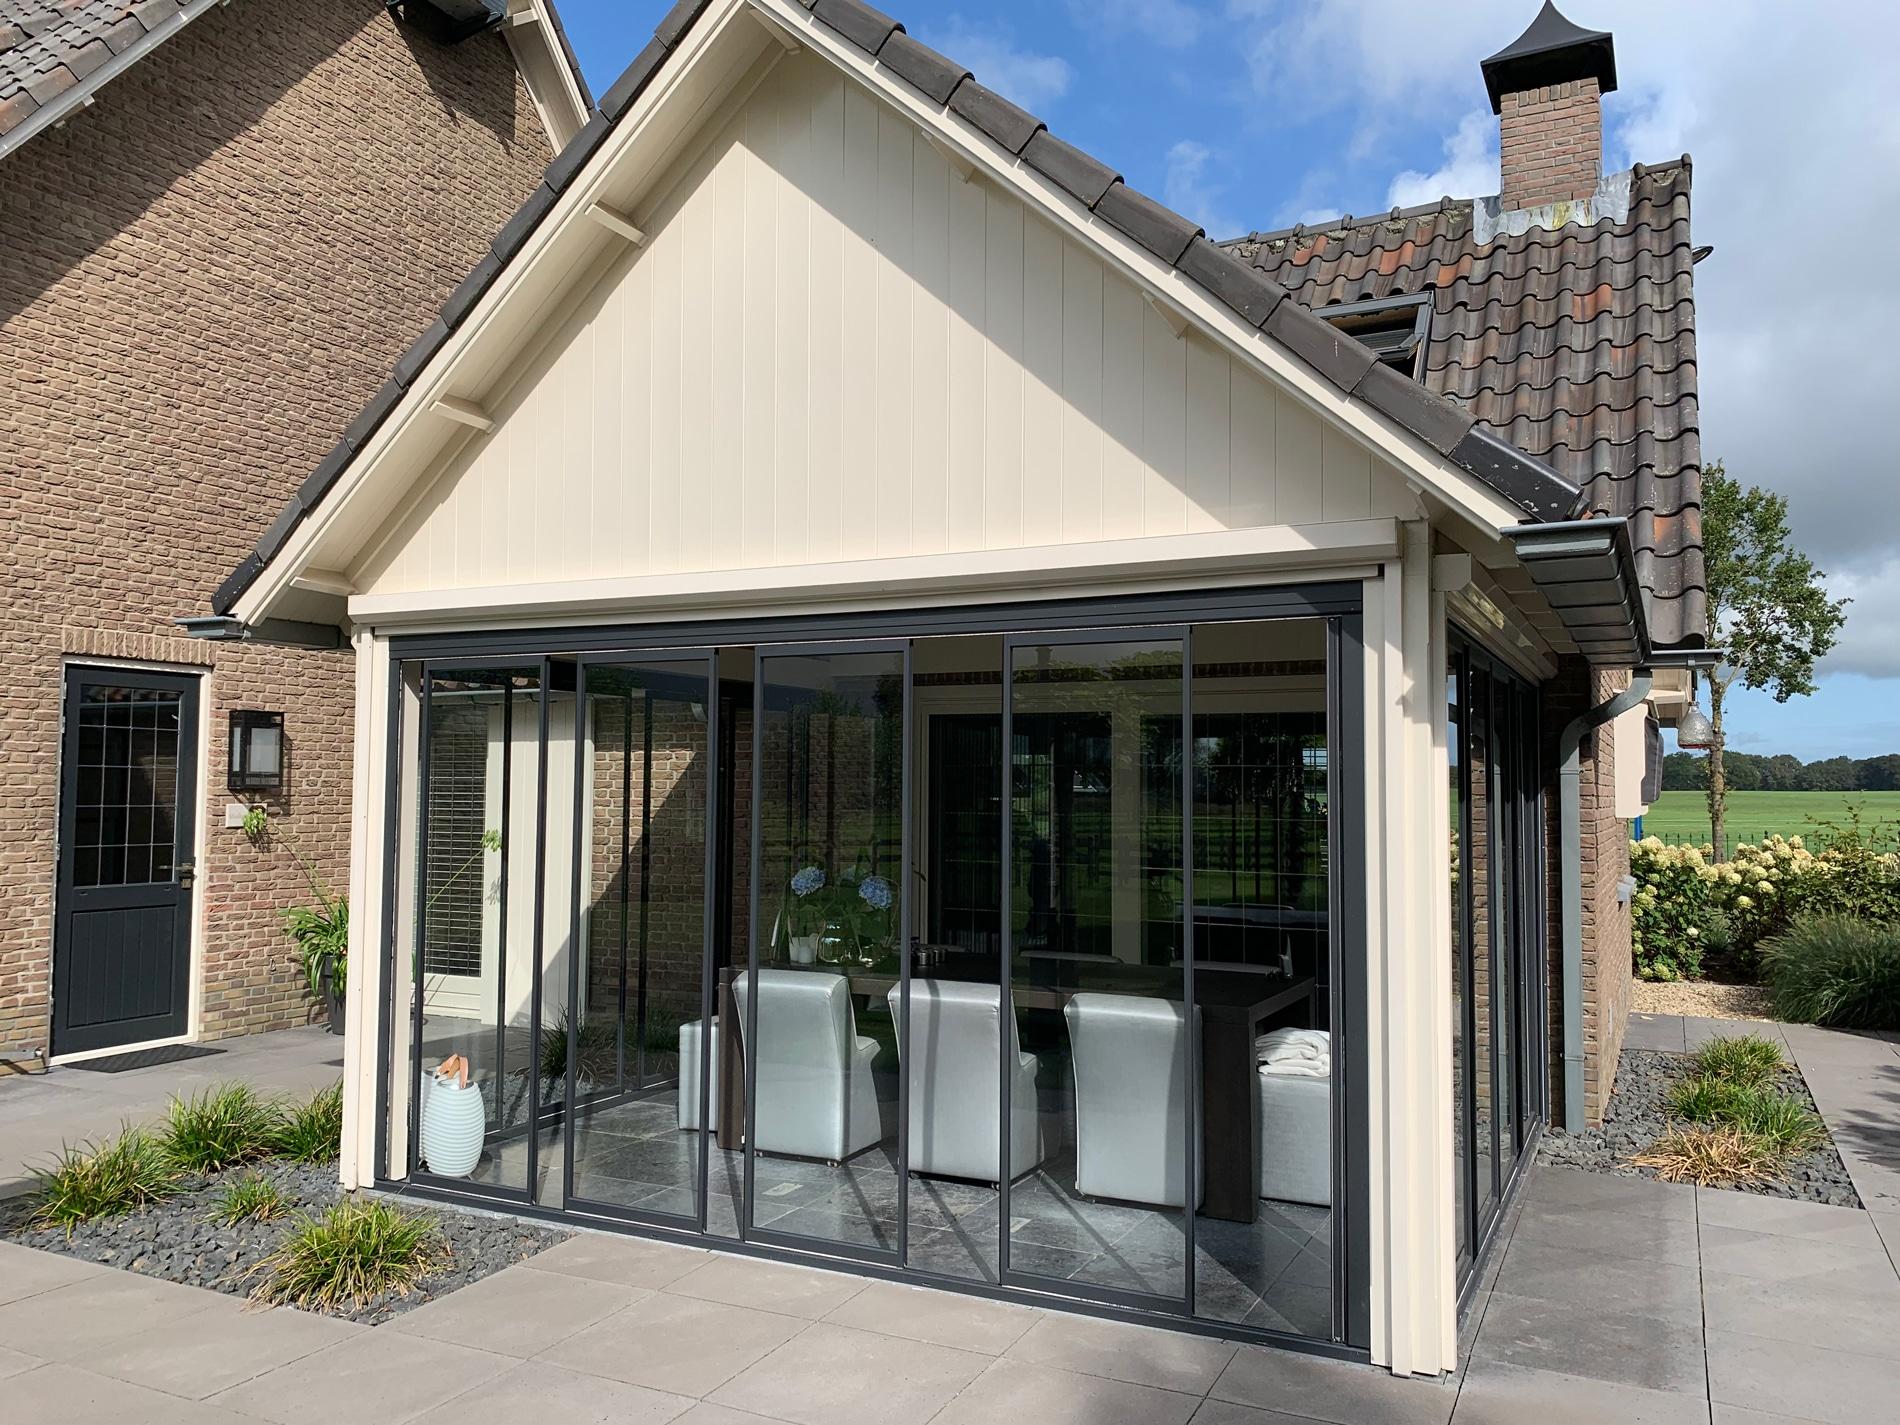 Anbau mit Schiebe-Dreh-Türen von Sunflex